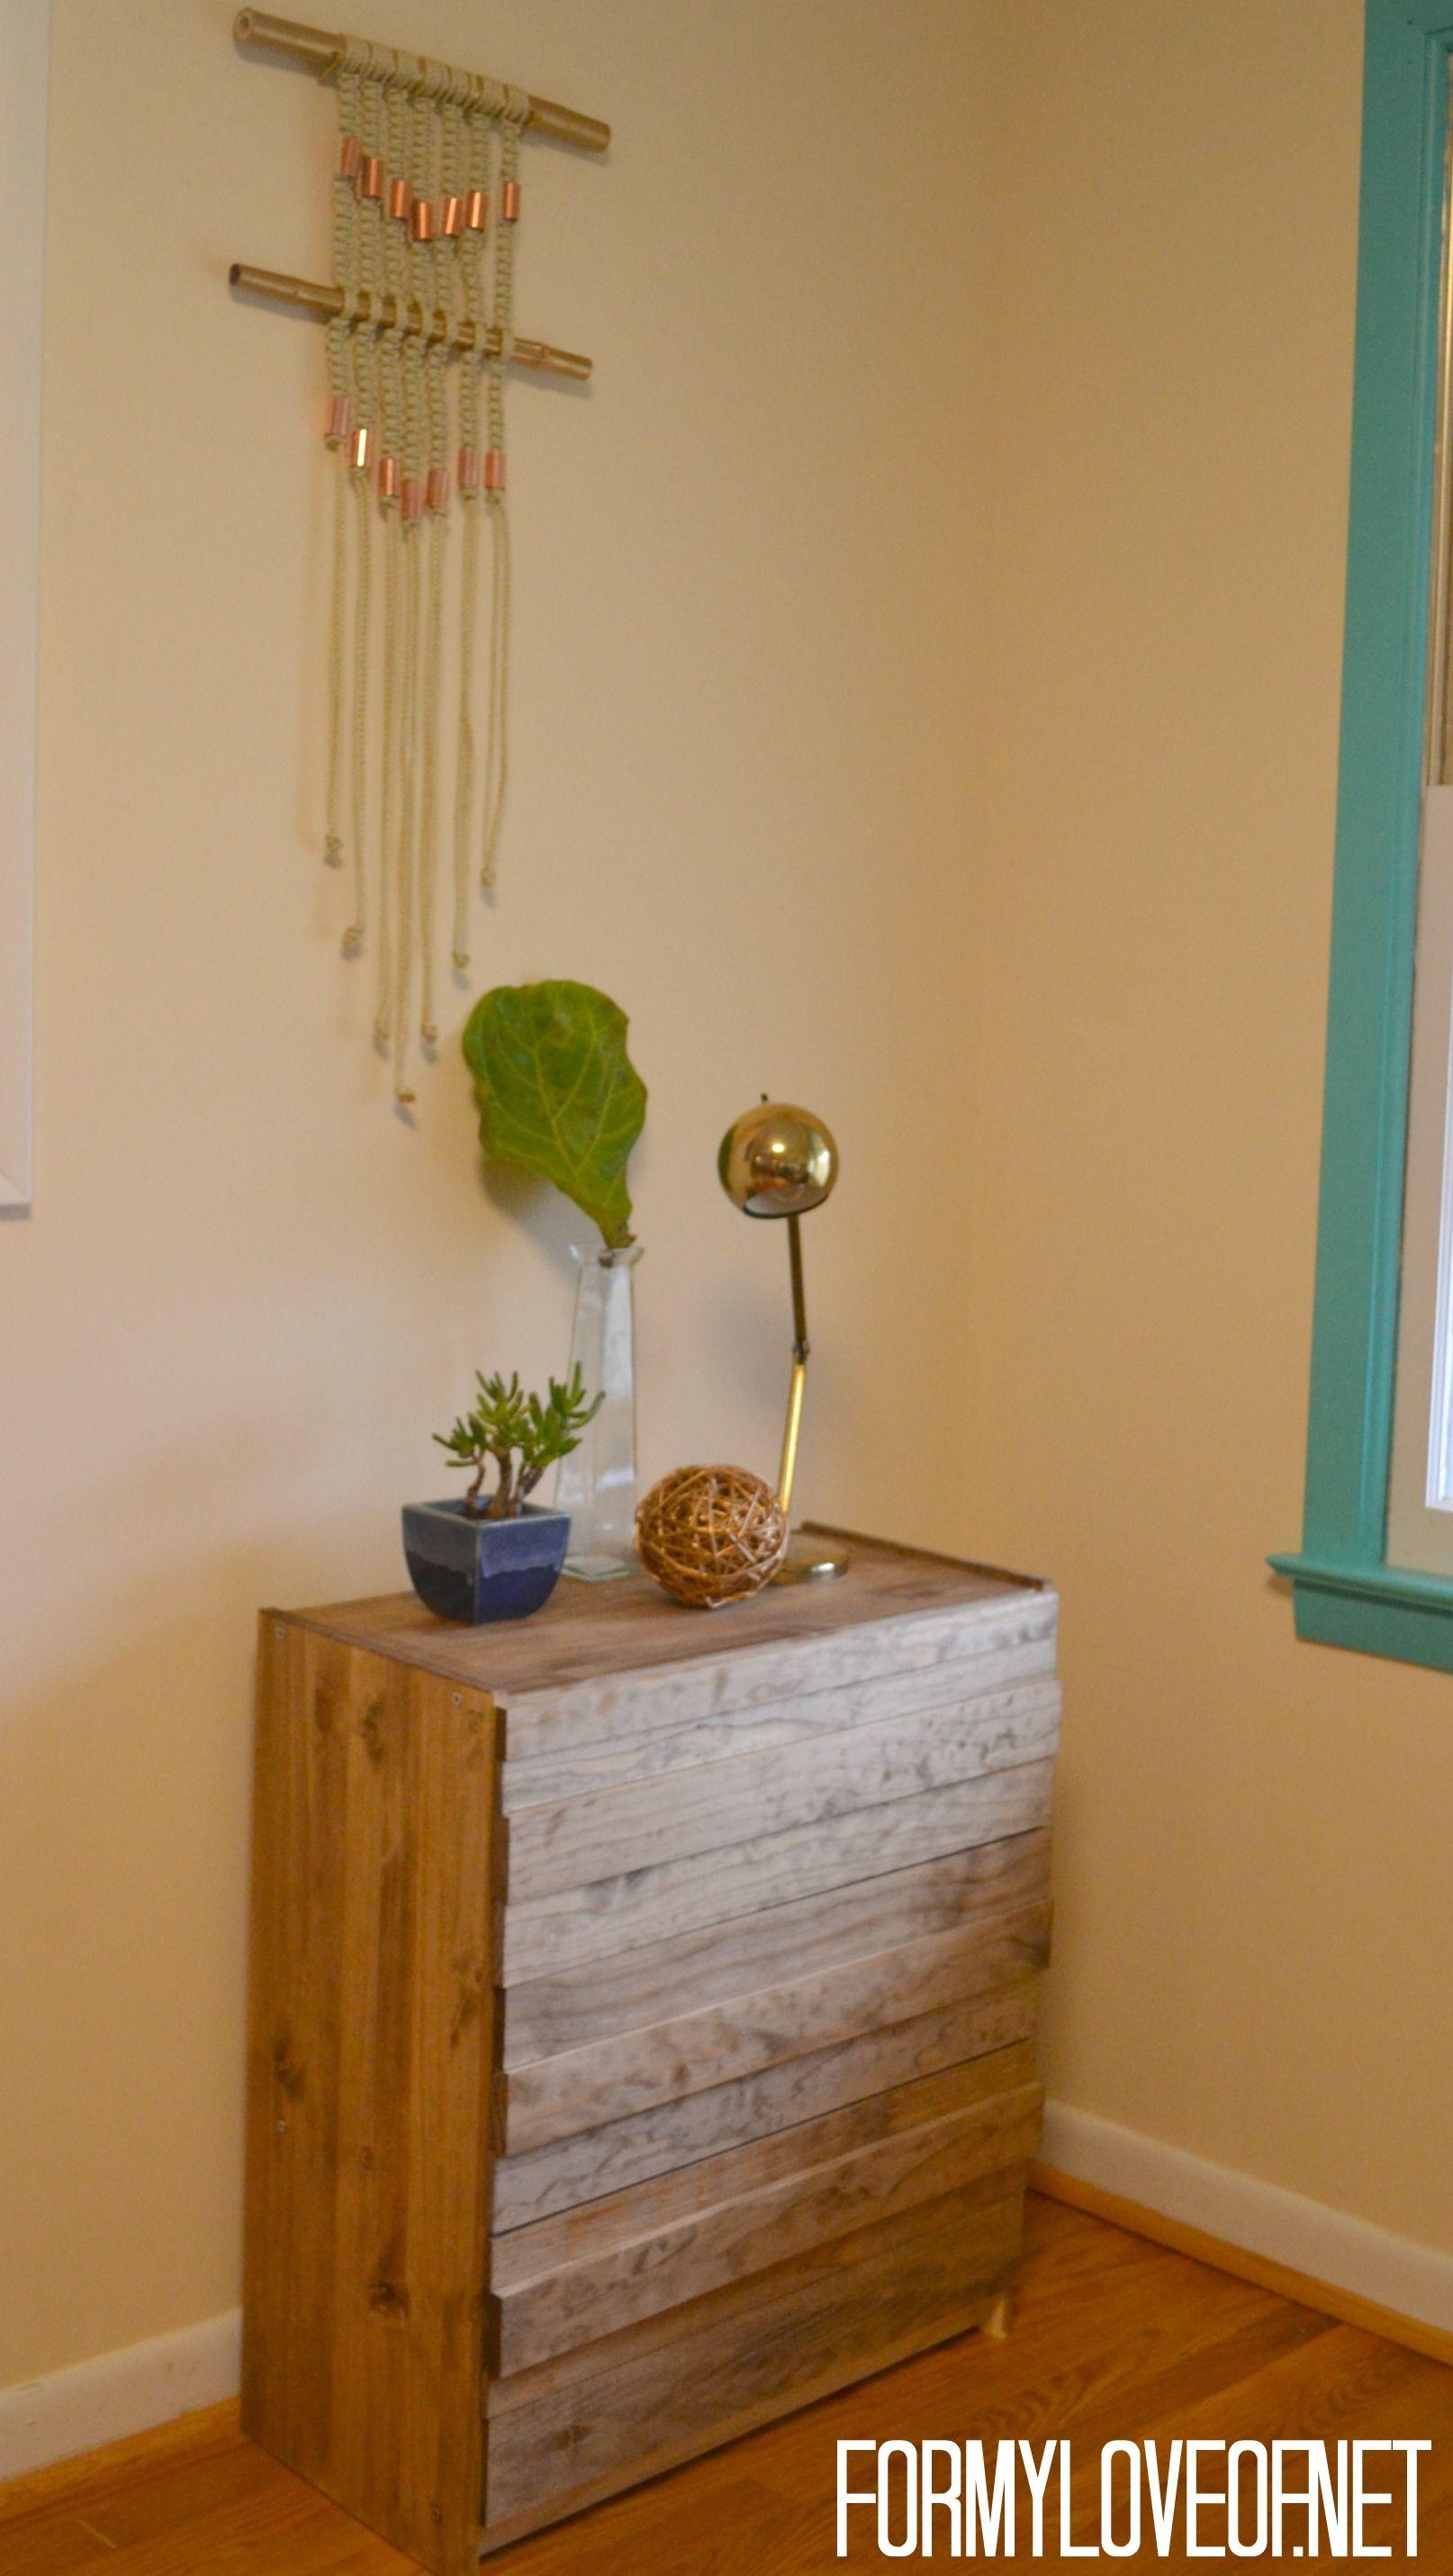 diy furniture west elm knock. West Elm Stria 3 Drawer Dresser Knock Off Full View ForMyLoveOf.net Diy Furniture